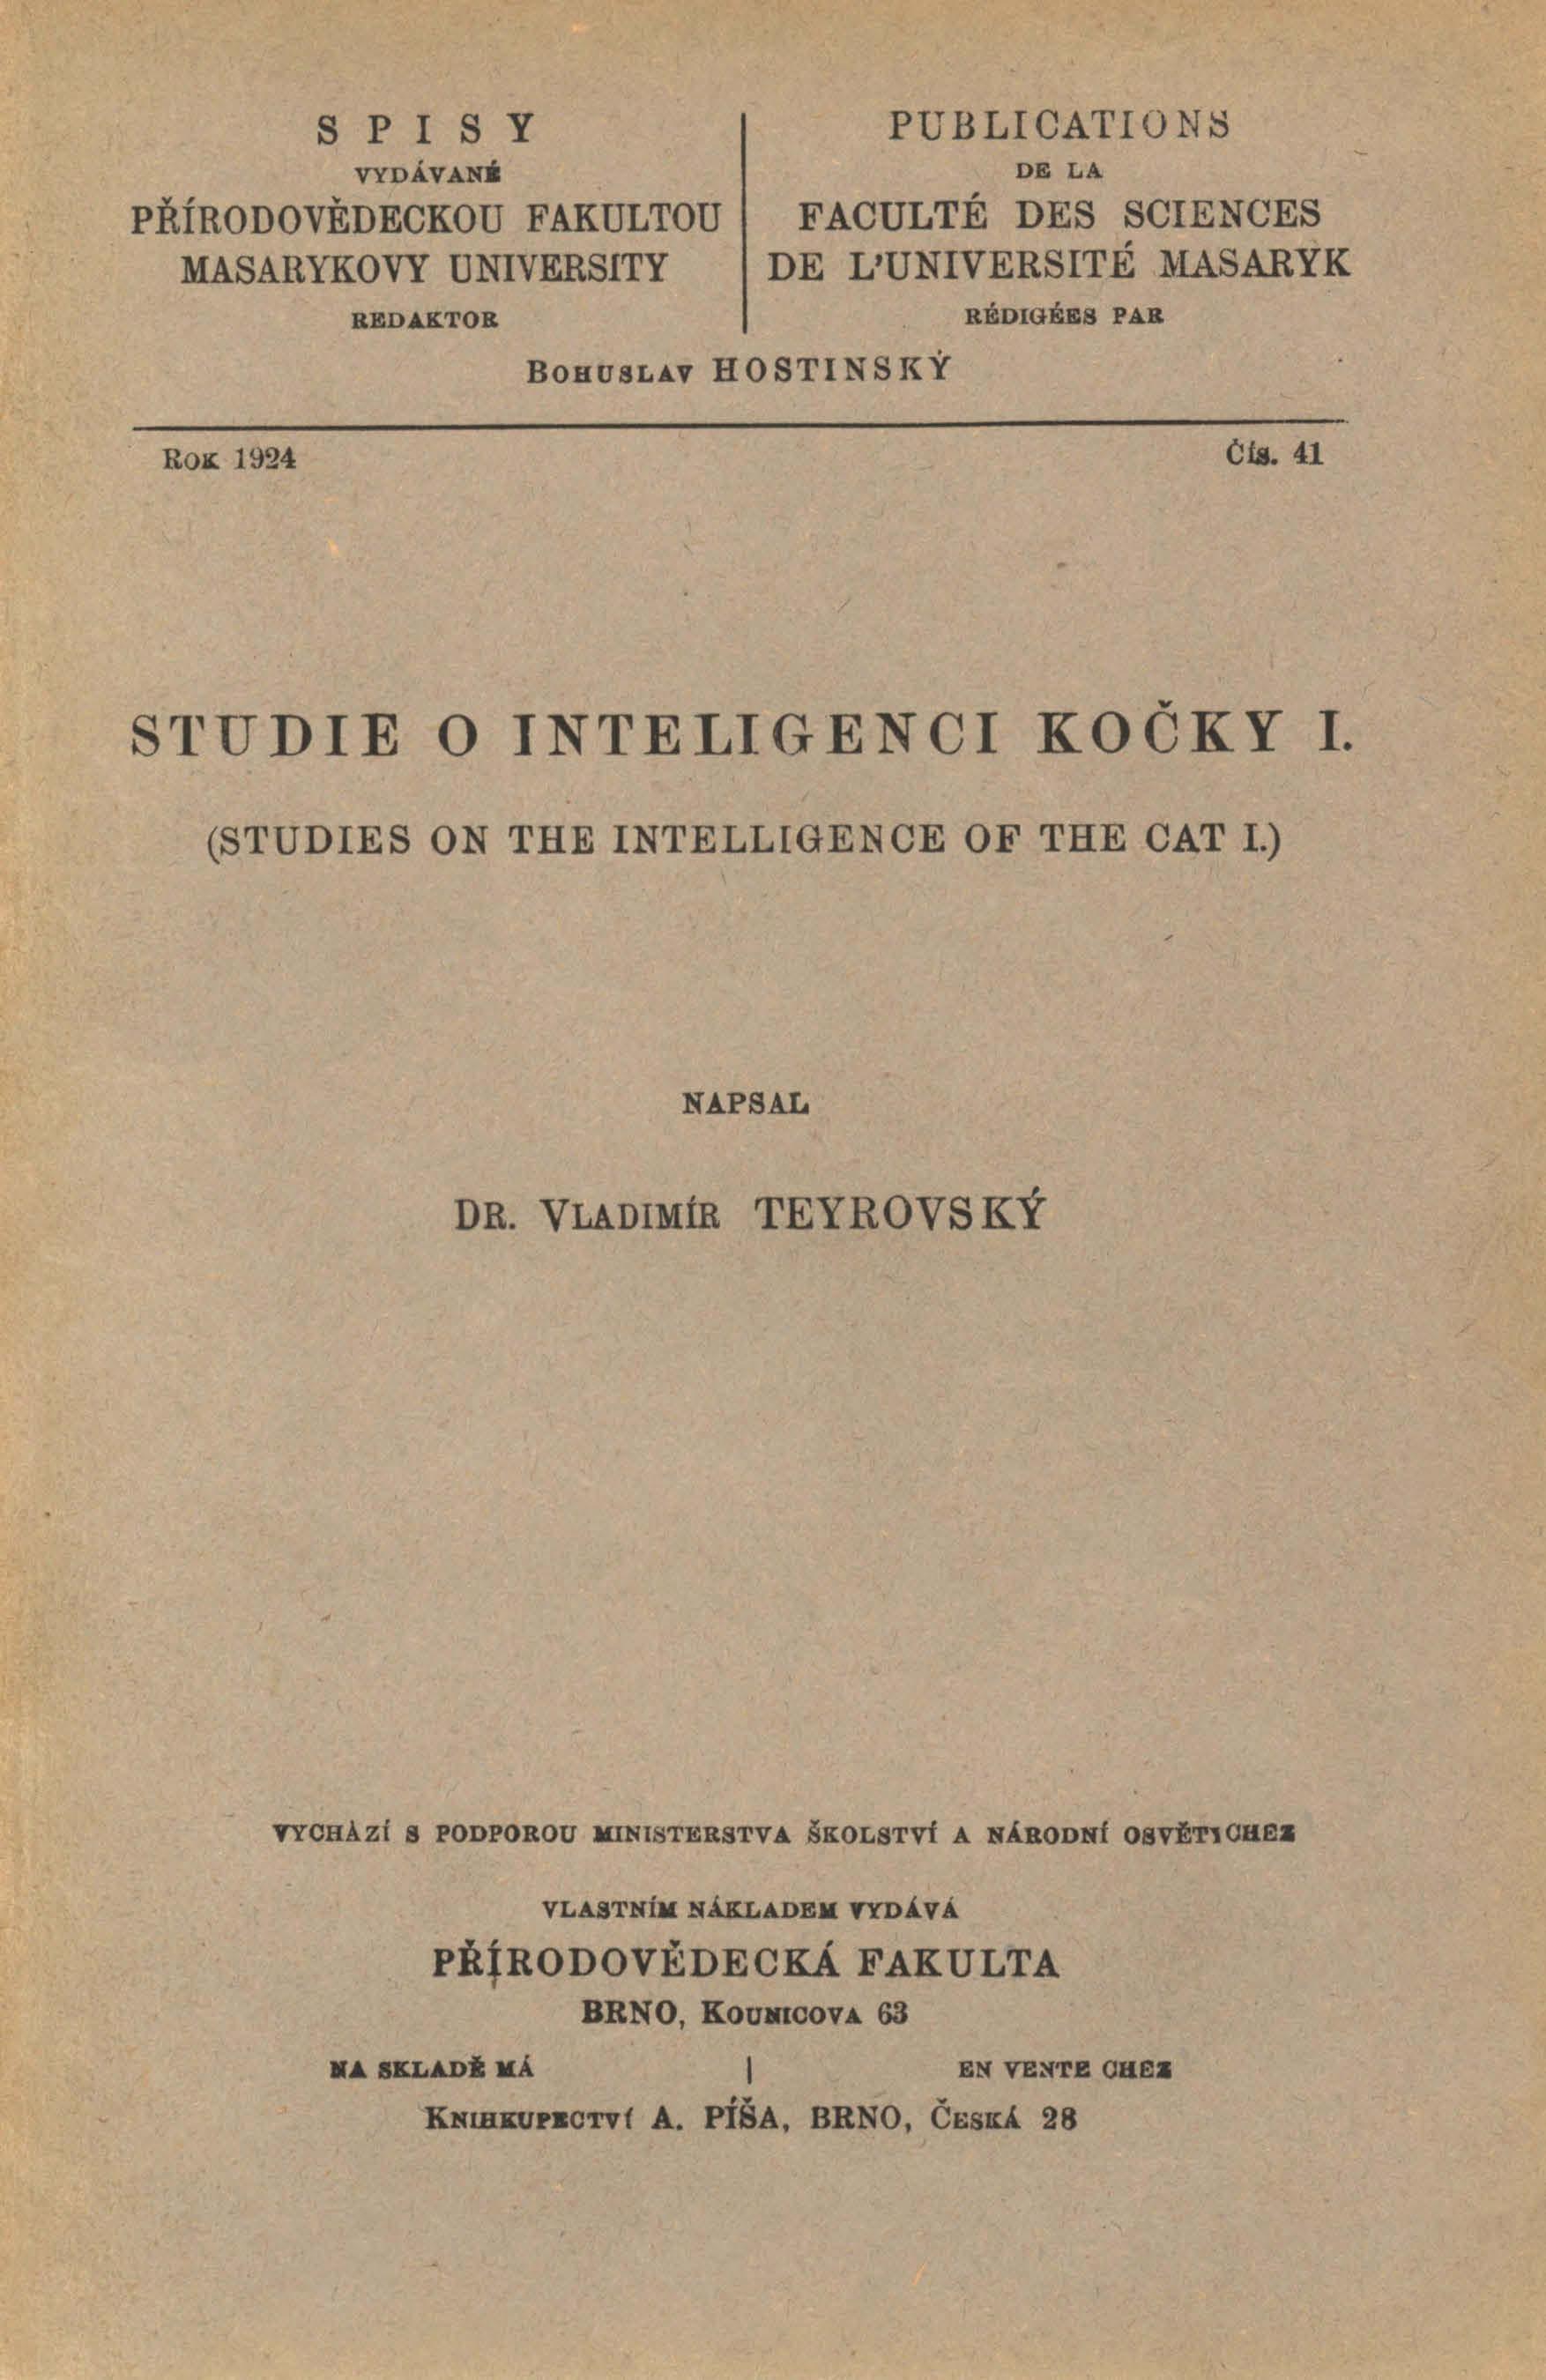 Obálka pro Studie o inteligenci kočky. I.